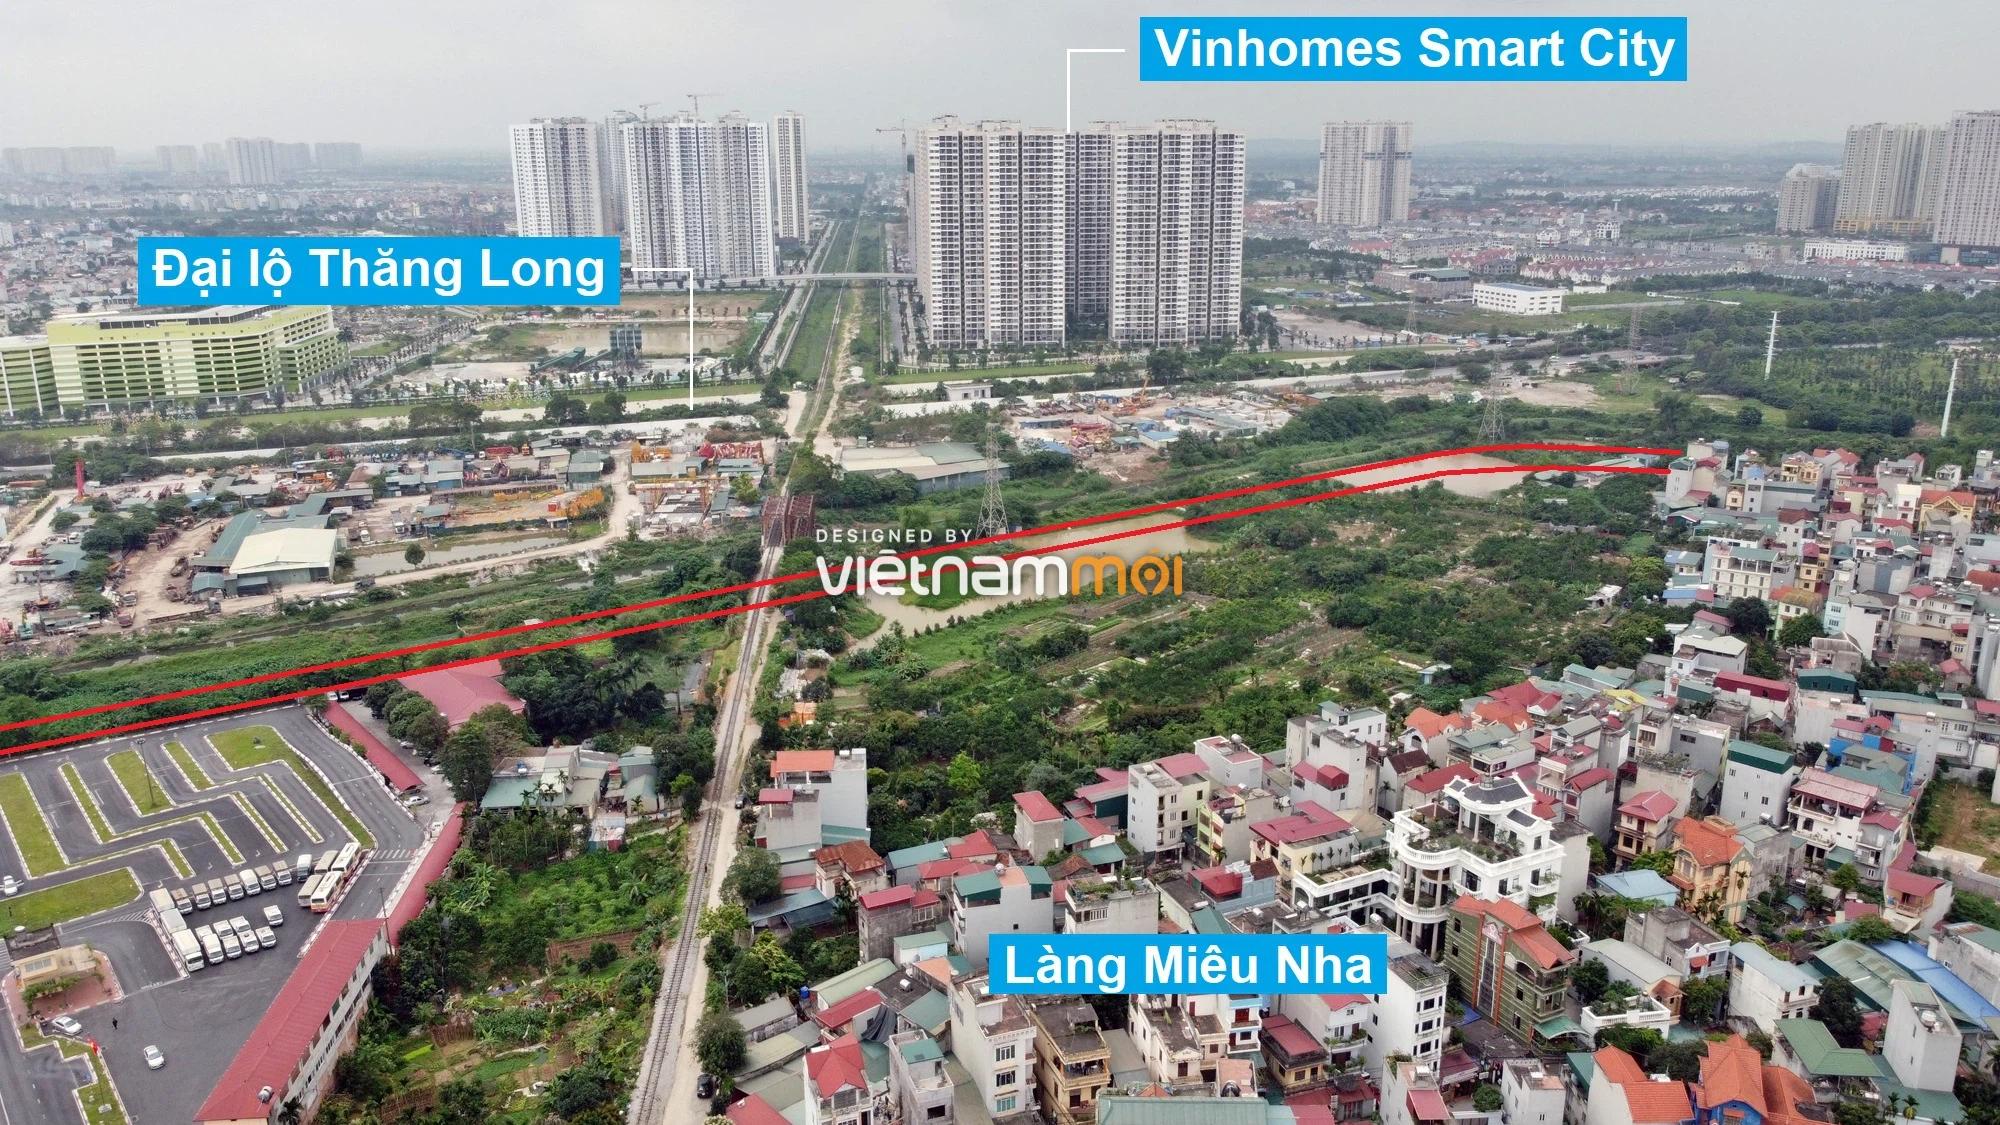 Những khu đất sắp thu hồi để mở đường ở phường Tây Mỗ, Nam Từ Liêm, Hà Nội (phần 6) - Ảnh 4.